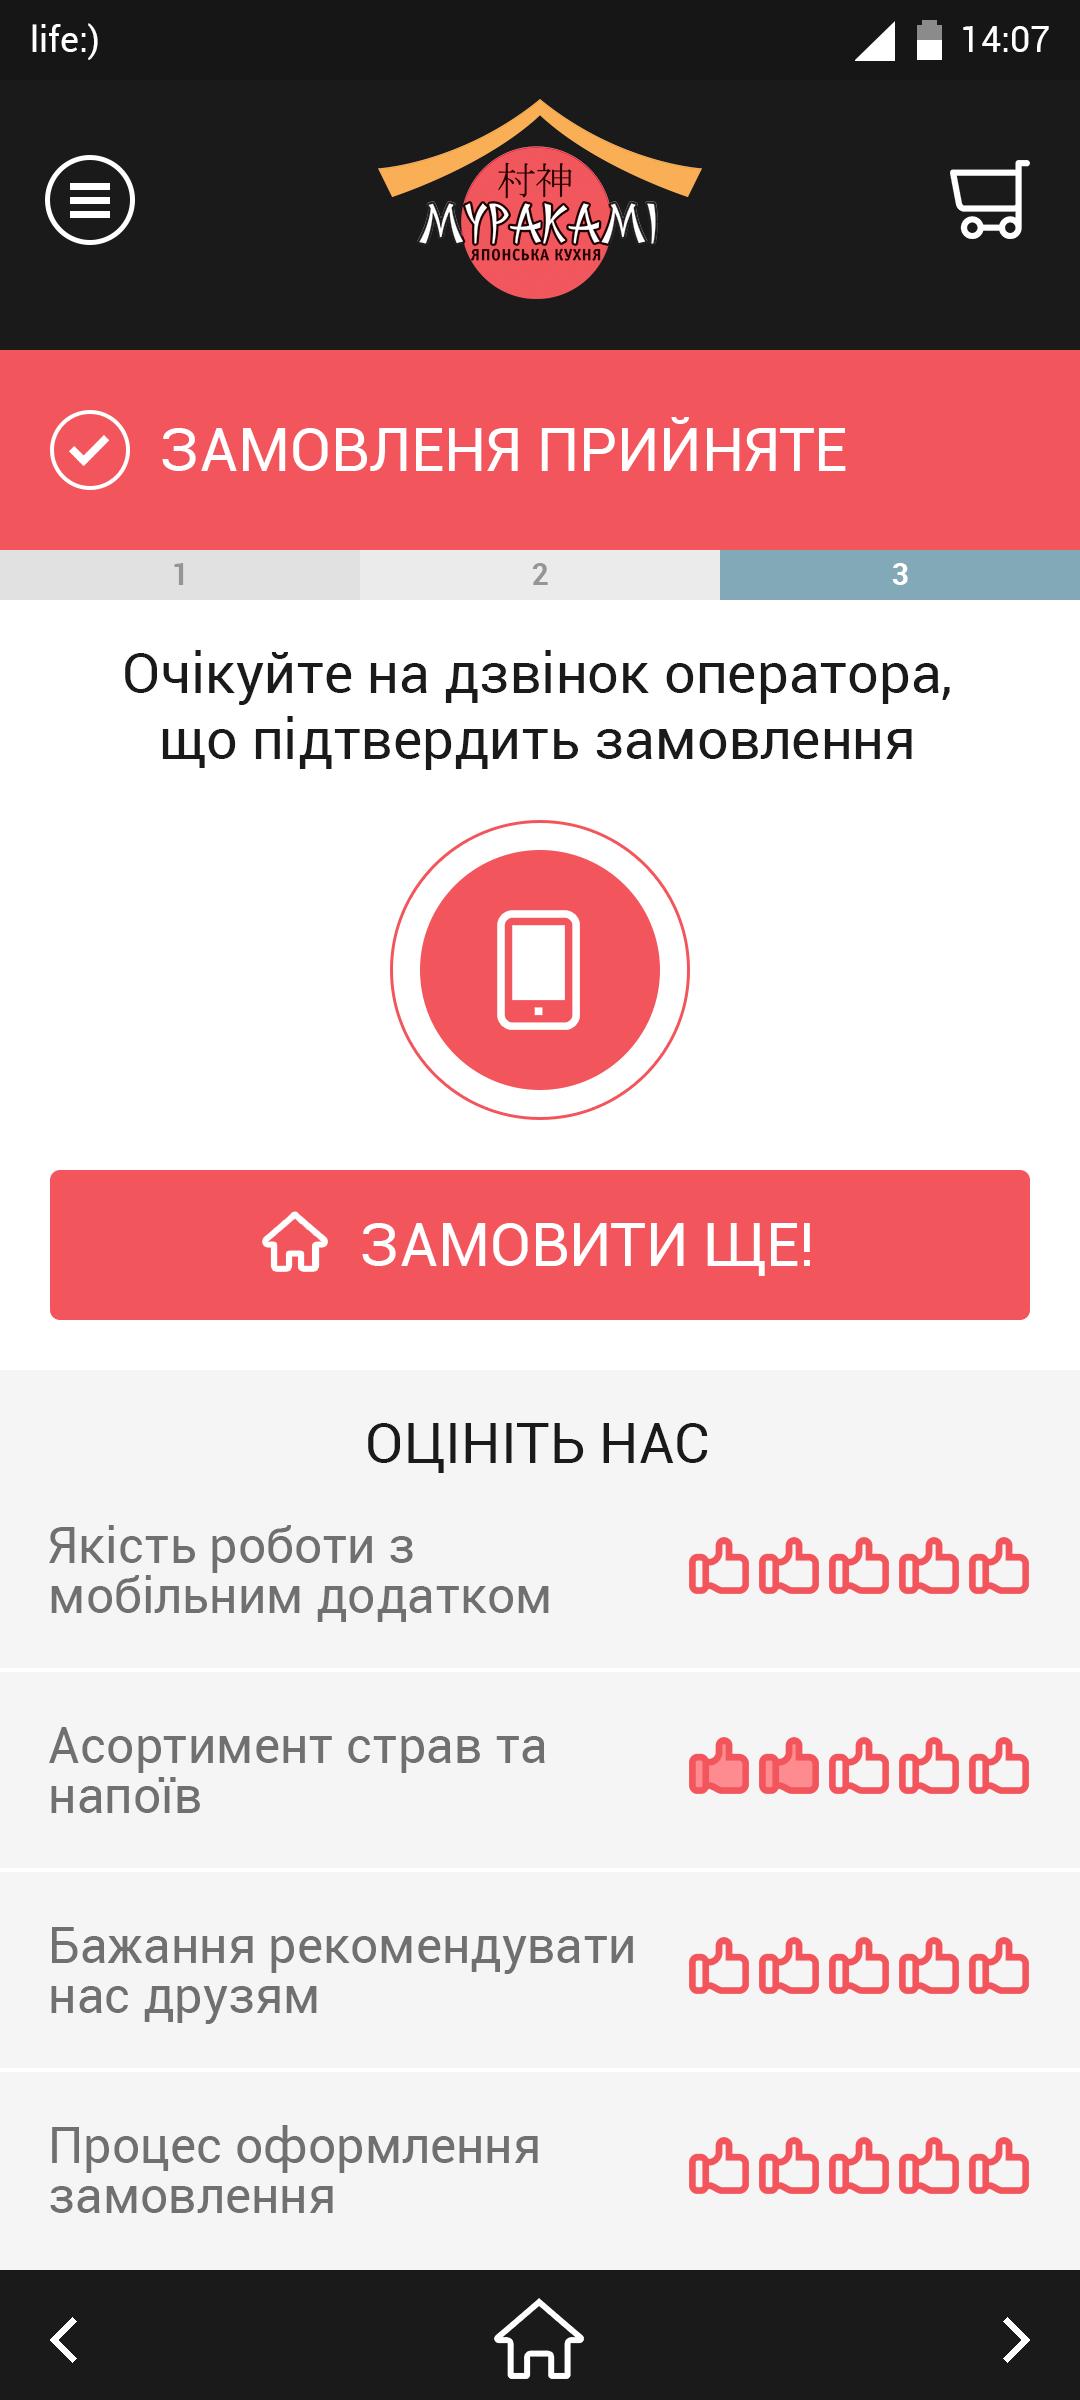 app_murakami_v3_cart3